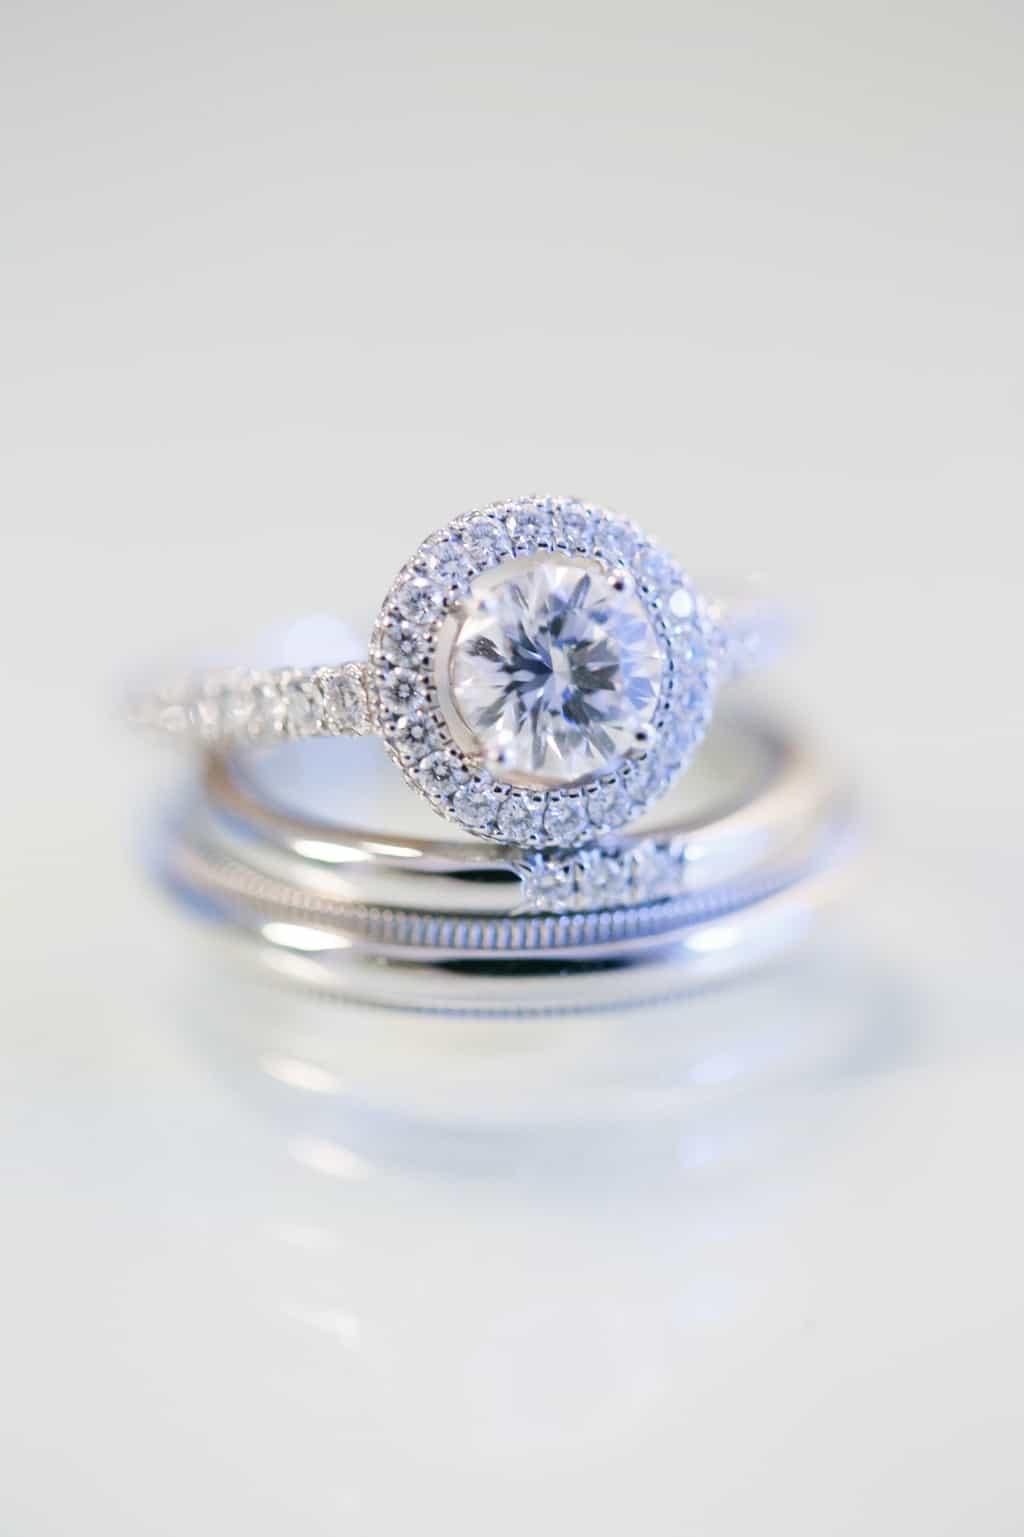 最高級ダイヤGRAFF(グラフ)の婚約・結婚指輪の人気デザインと実際に購入した先輩花嫁の口コミまとめのカバー写真